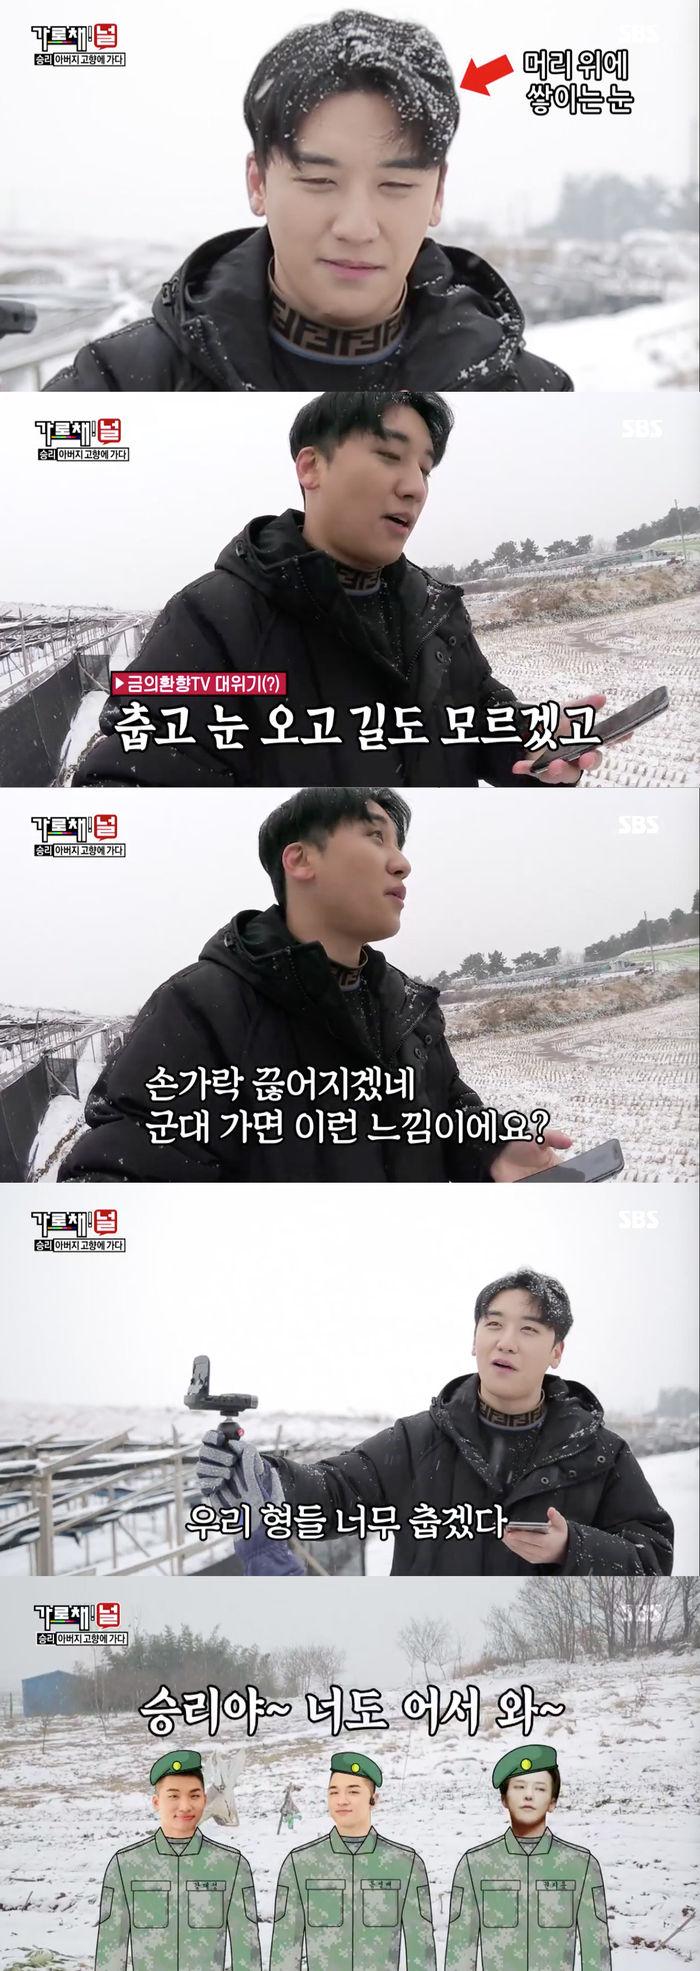 """'가로채널' 승리, 강추위에 """"우리 형들 춥겠다""""…군대 간 '빅뱅' 멤버들 걱정  기본이미지"""